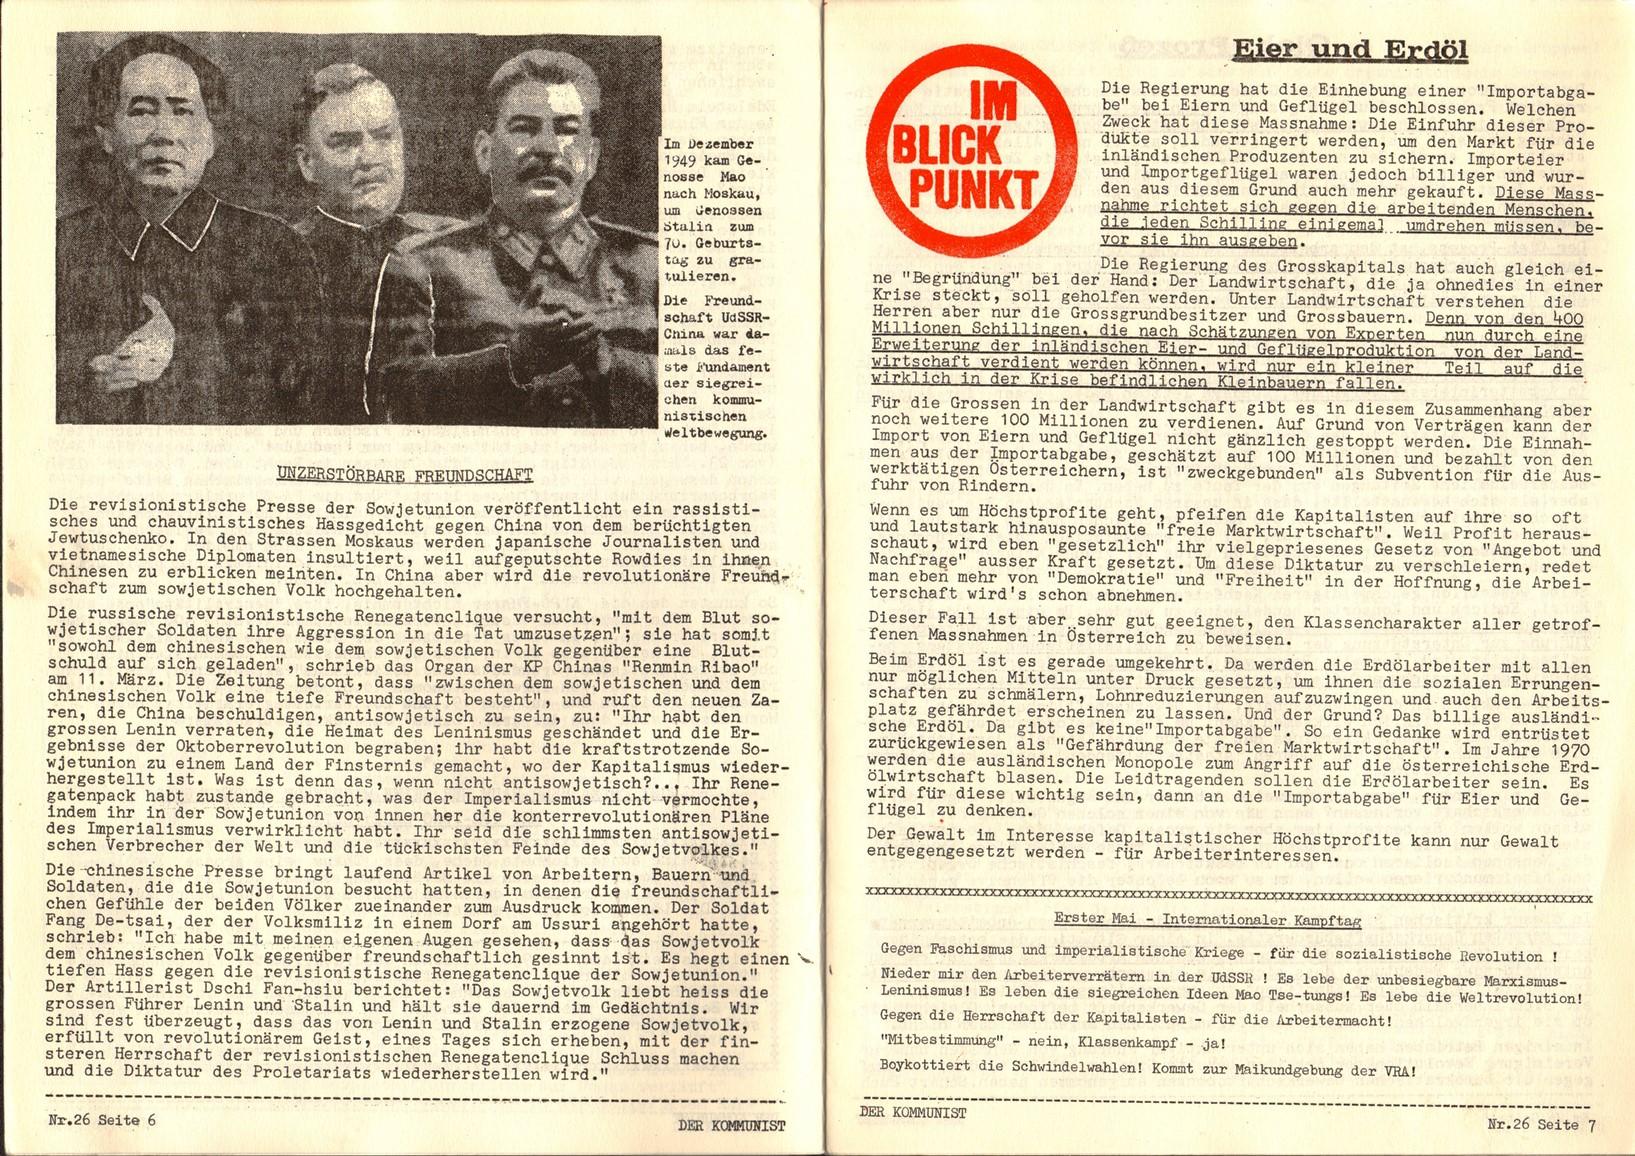 VRA_Der_Kommunist_19690400_04